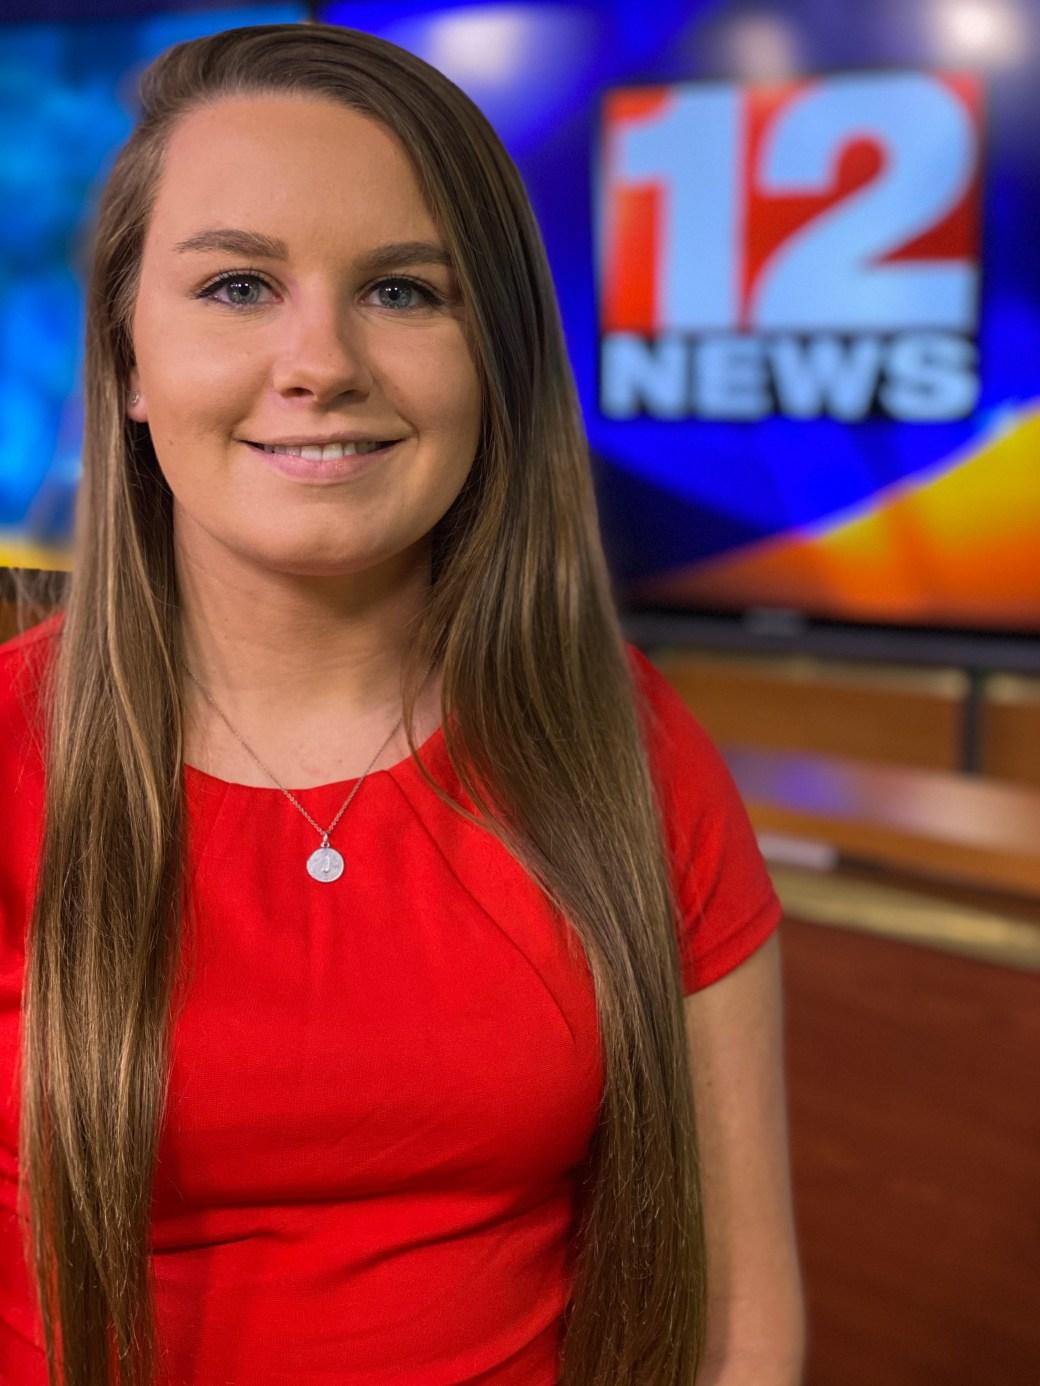 Jeena Cadigan